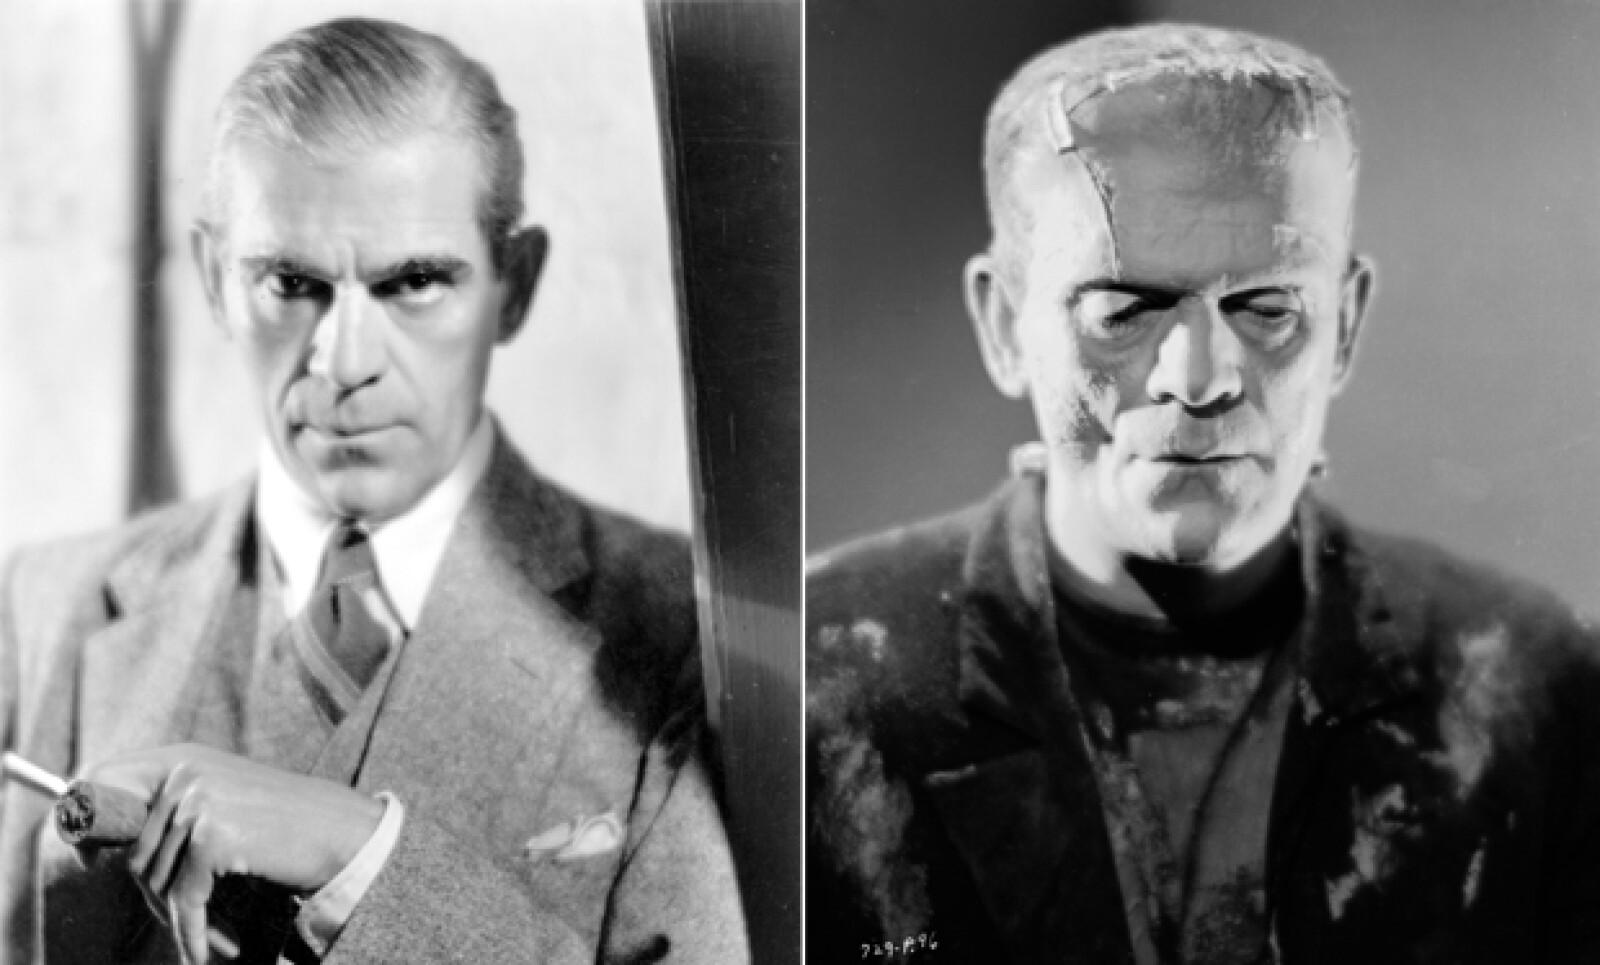 Boris Karloff le debe su estatus de leyenda a la caracterización que lo convirtió en Frankenstein. Un trabajo de maquillaje bastante impresionante para los años 30.